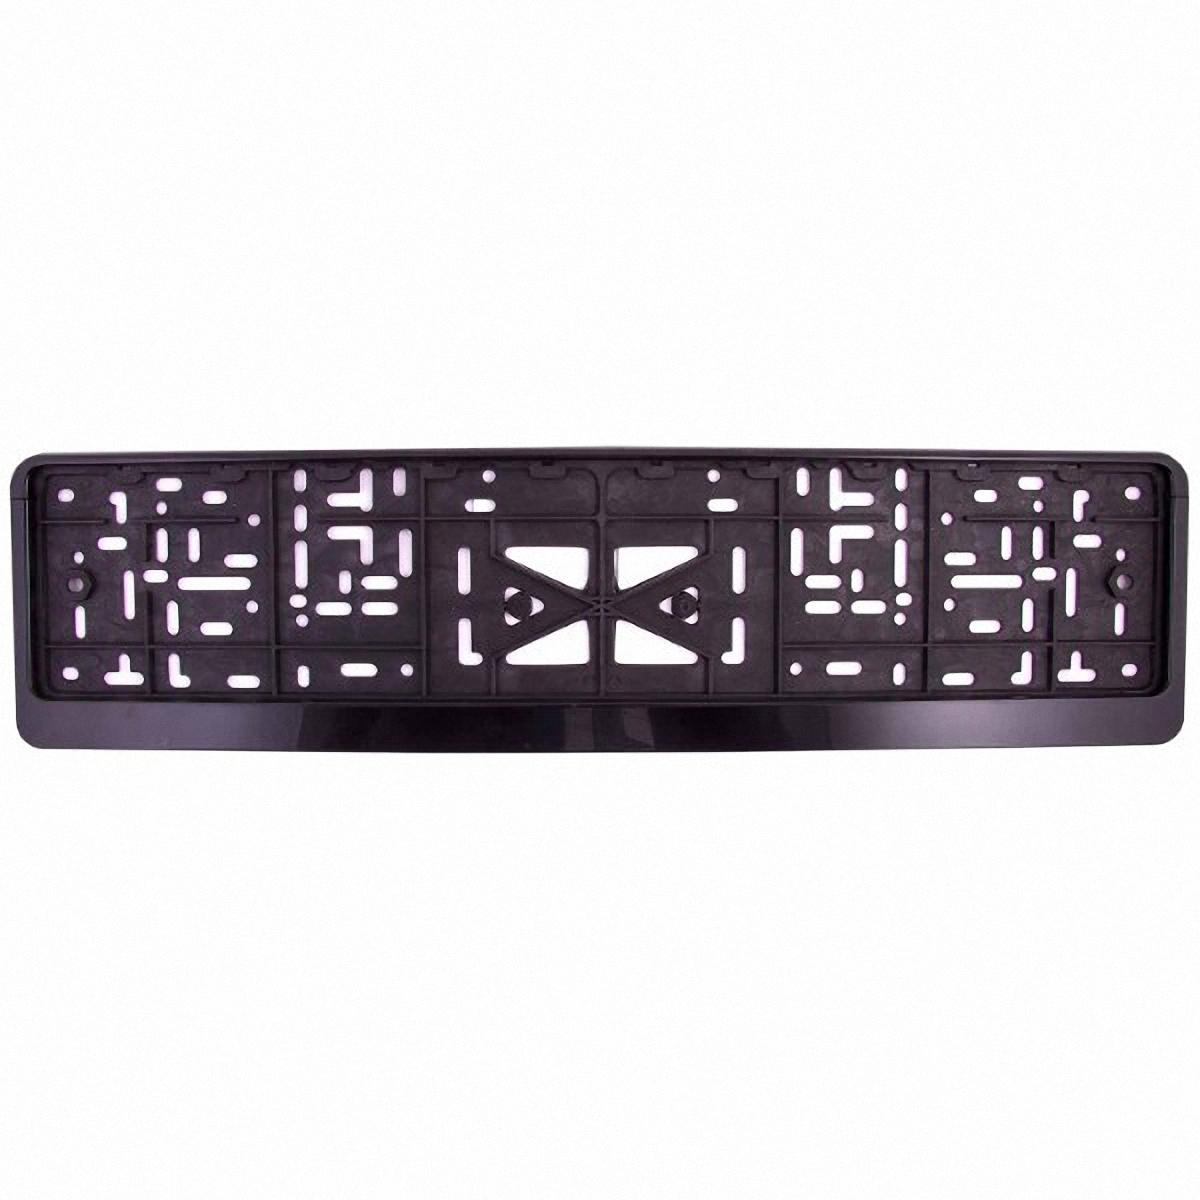 Рамка под номер Skyway, пластмассовая, с защелкой, цвет: черныйS04102003Рамка под номер пластмассовая с защёлкой – предназначена для того, чтобы фиксировать номерной знак на автомобиле, защищая от соприкосновения его с кузовом, а также для защиты от кражи. Рамка имеет надежное крепление с защелкой, изготовлена из морозостойкого пластика. Быстро устанавливается и надолго сохраняет внешний вид. Характеристики: Размер - 13,5*53*1,3см Высота верхнего поля - 5мм Высота нижнего поля - 23мм Материал рамки - пластмасса Крепление – защелка (книжка)